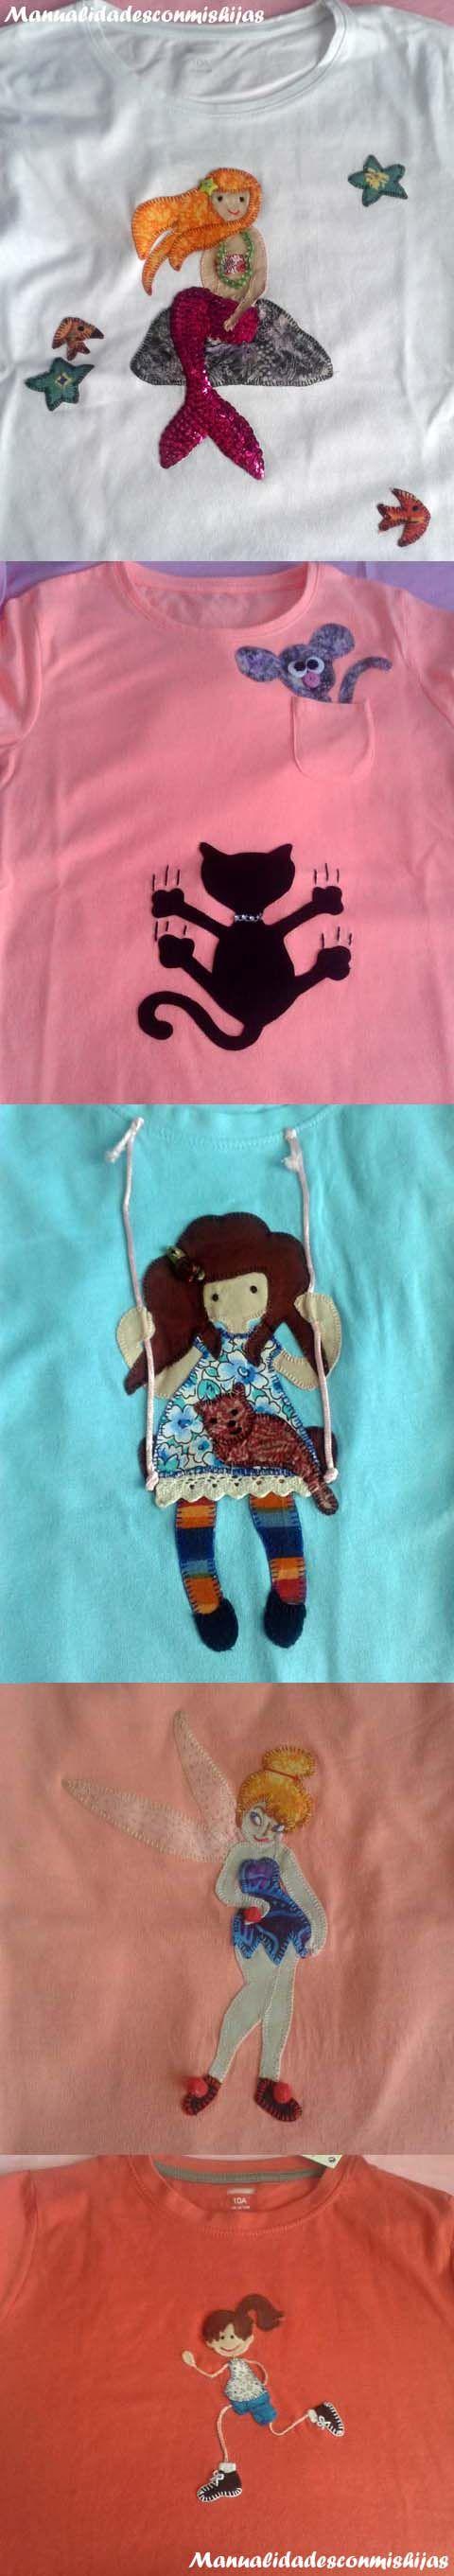 Manualidadesconmishijas: Camisetas de niña con aplicaciones de patchwork.